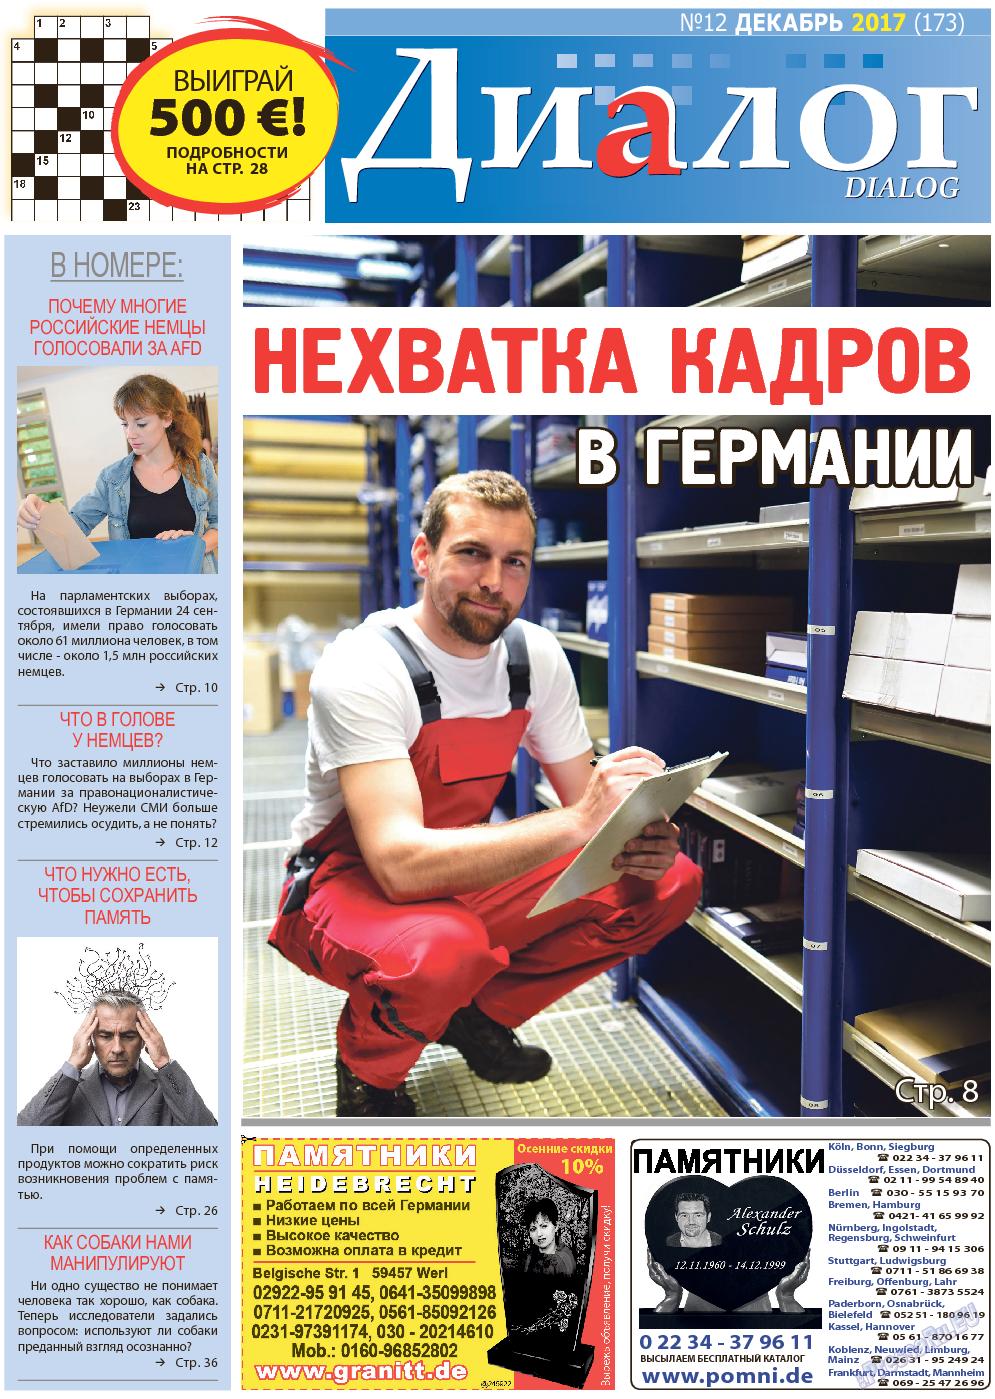 Диалог (газета). 2017 год, номер 12, стр. 1